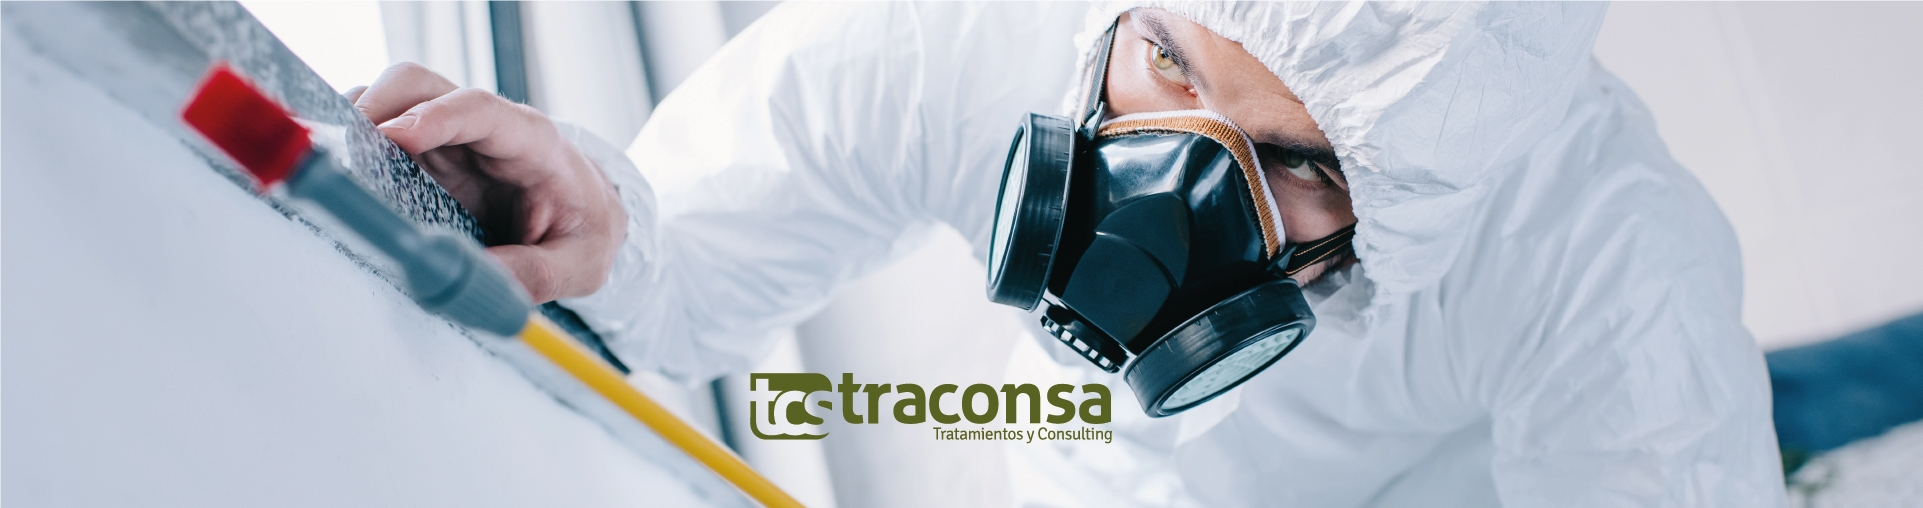 Traconsa (@traconsa) Cover Image